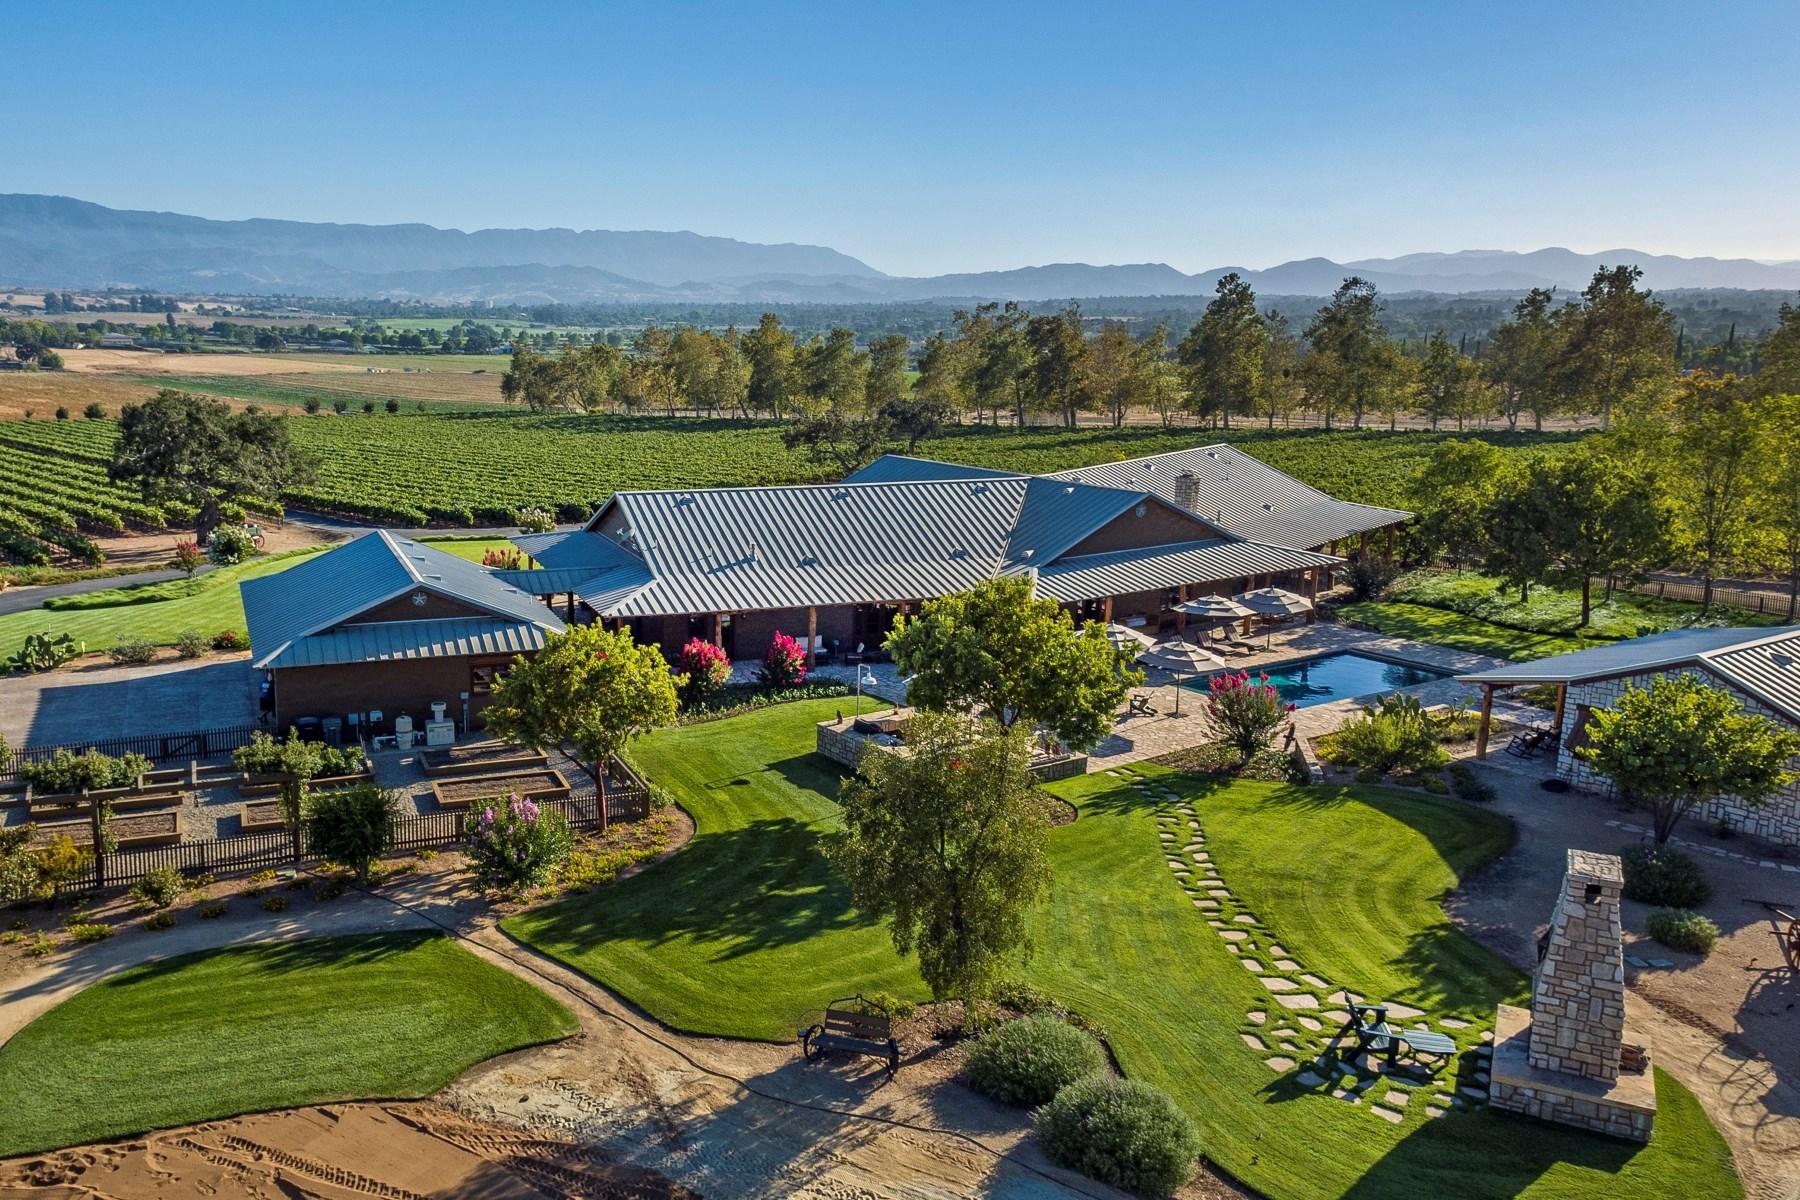 Виноградник для того Продажа на Vineyard View Ranch 4145 Roblar Avenue Santa Ynez, Калифорния, 93460 Соединенные Штаты